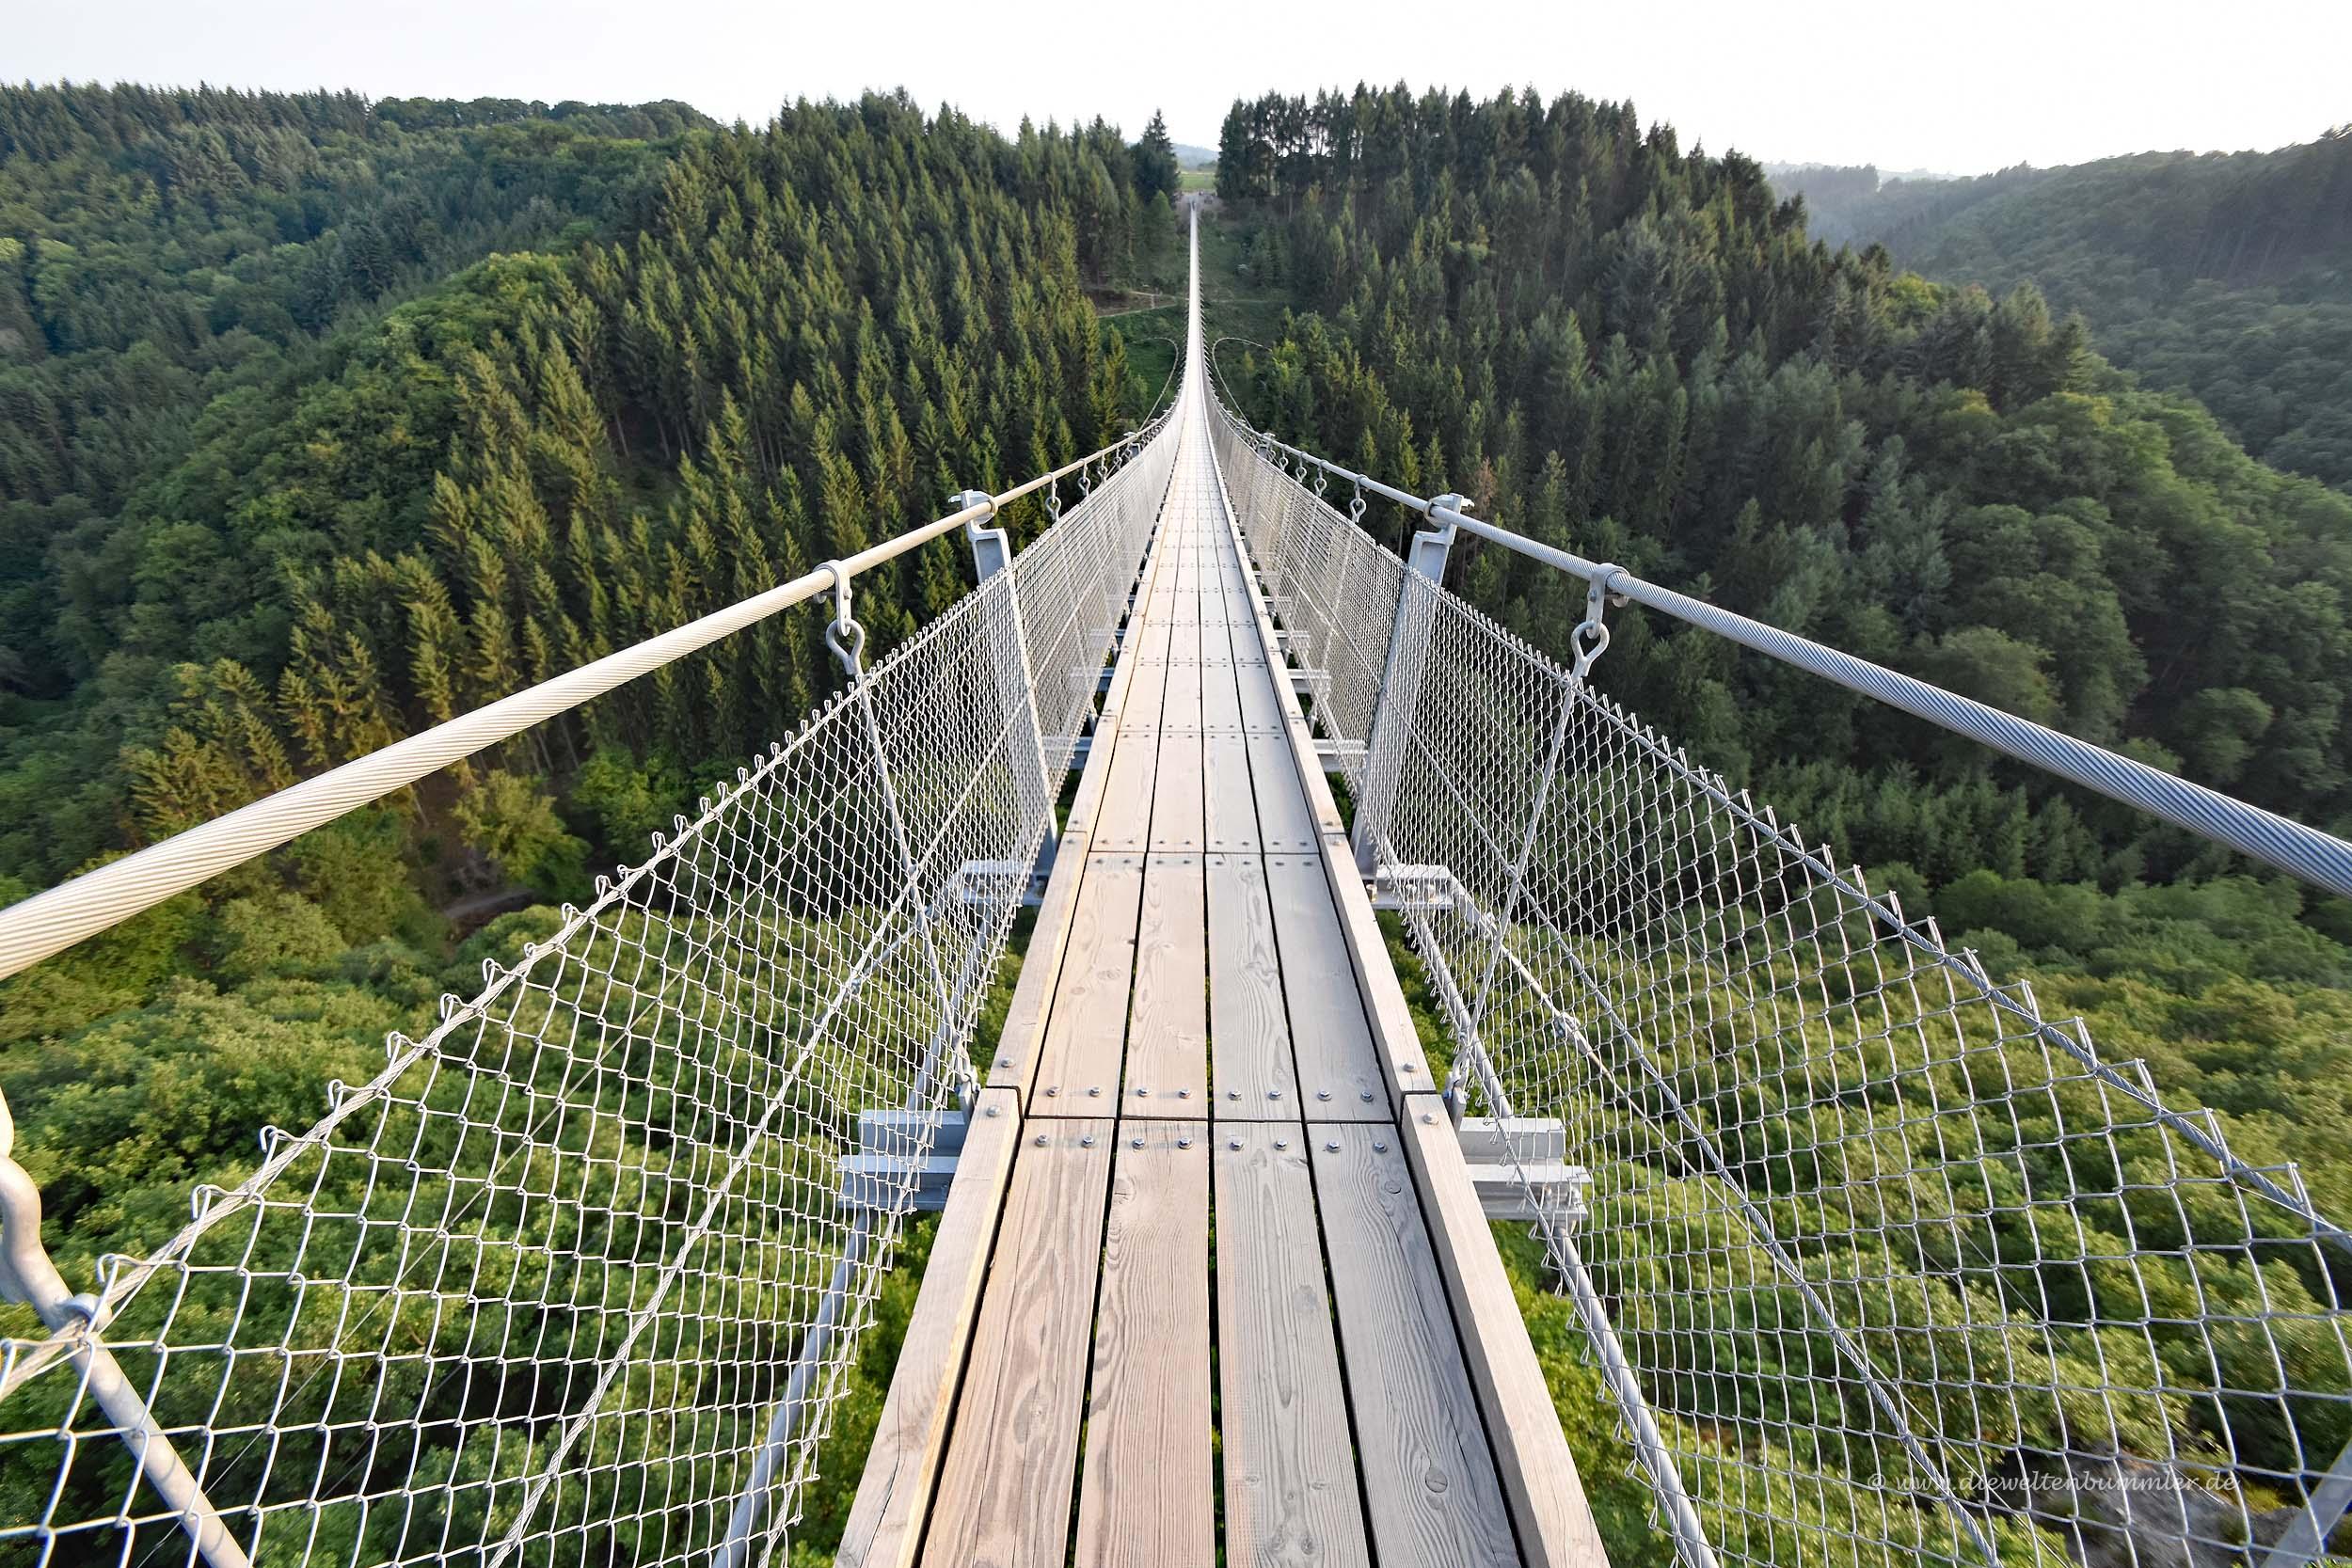 Ganz leere Hängebrücke